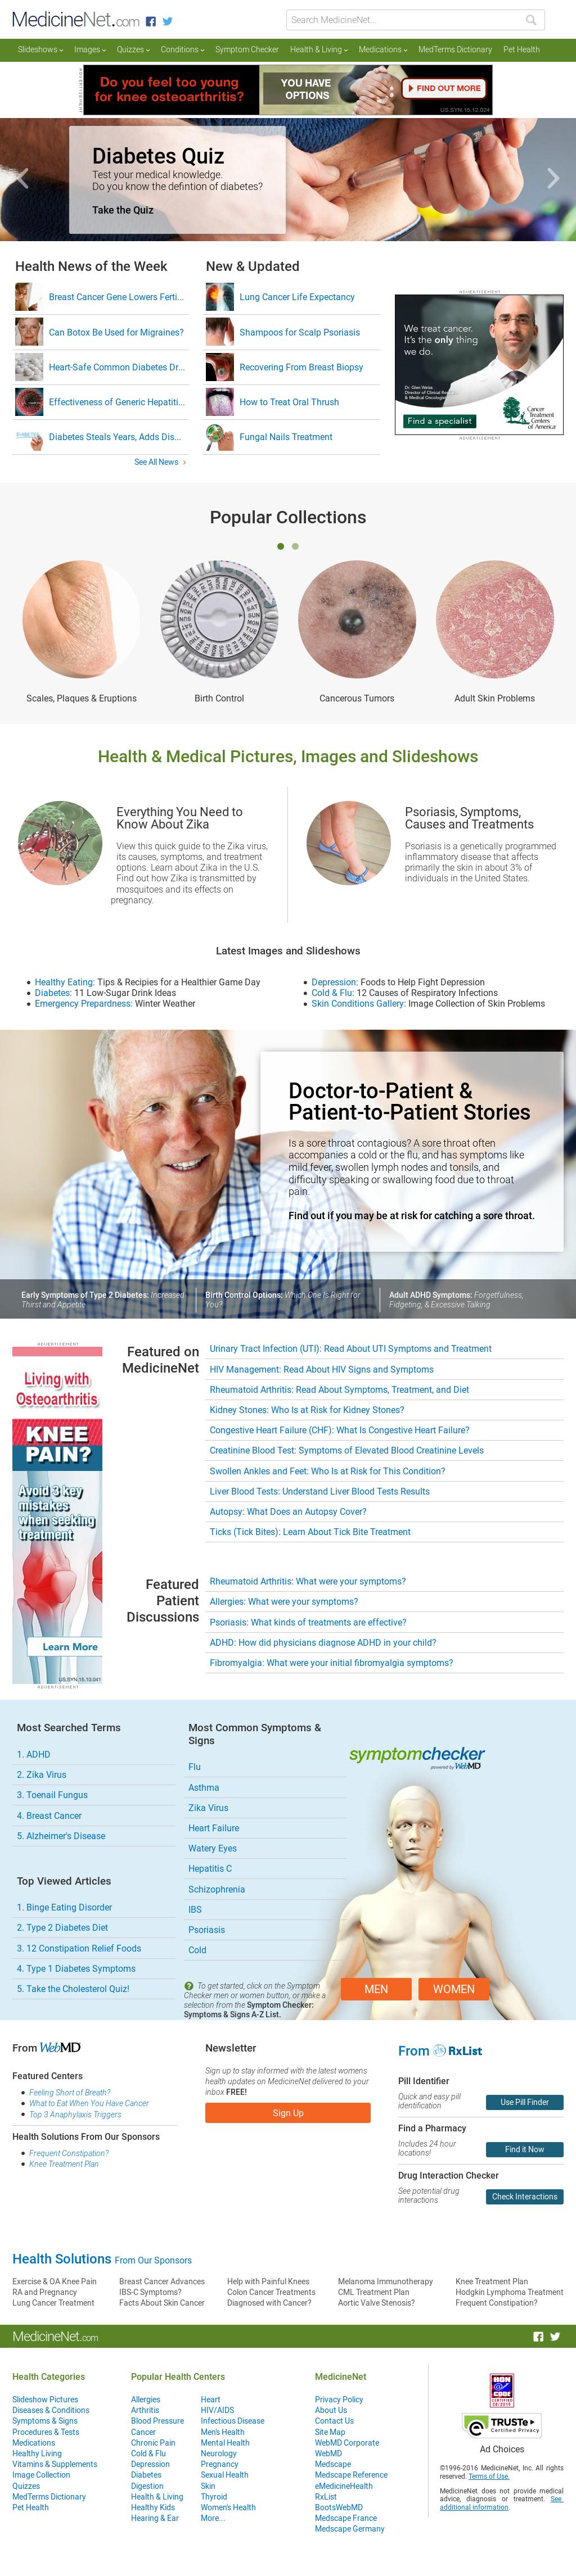 alzheimer medicinenet diabetes